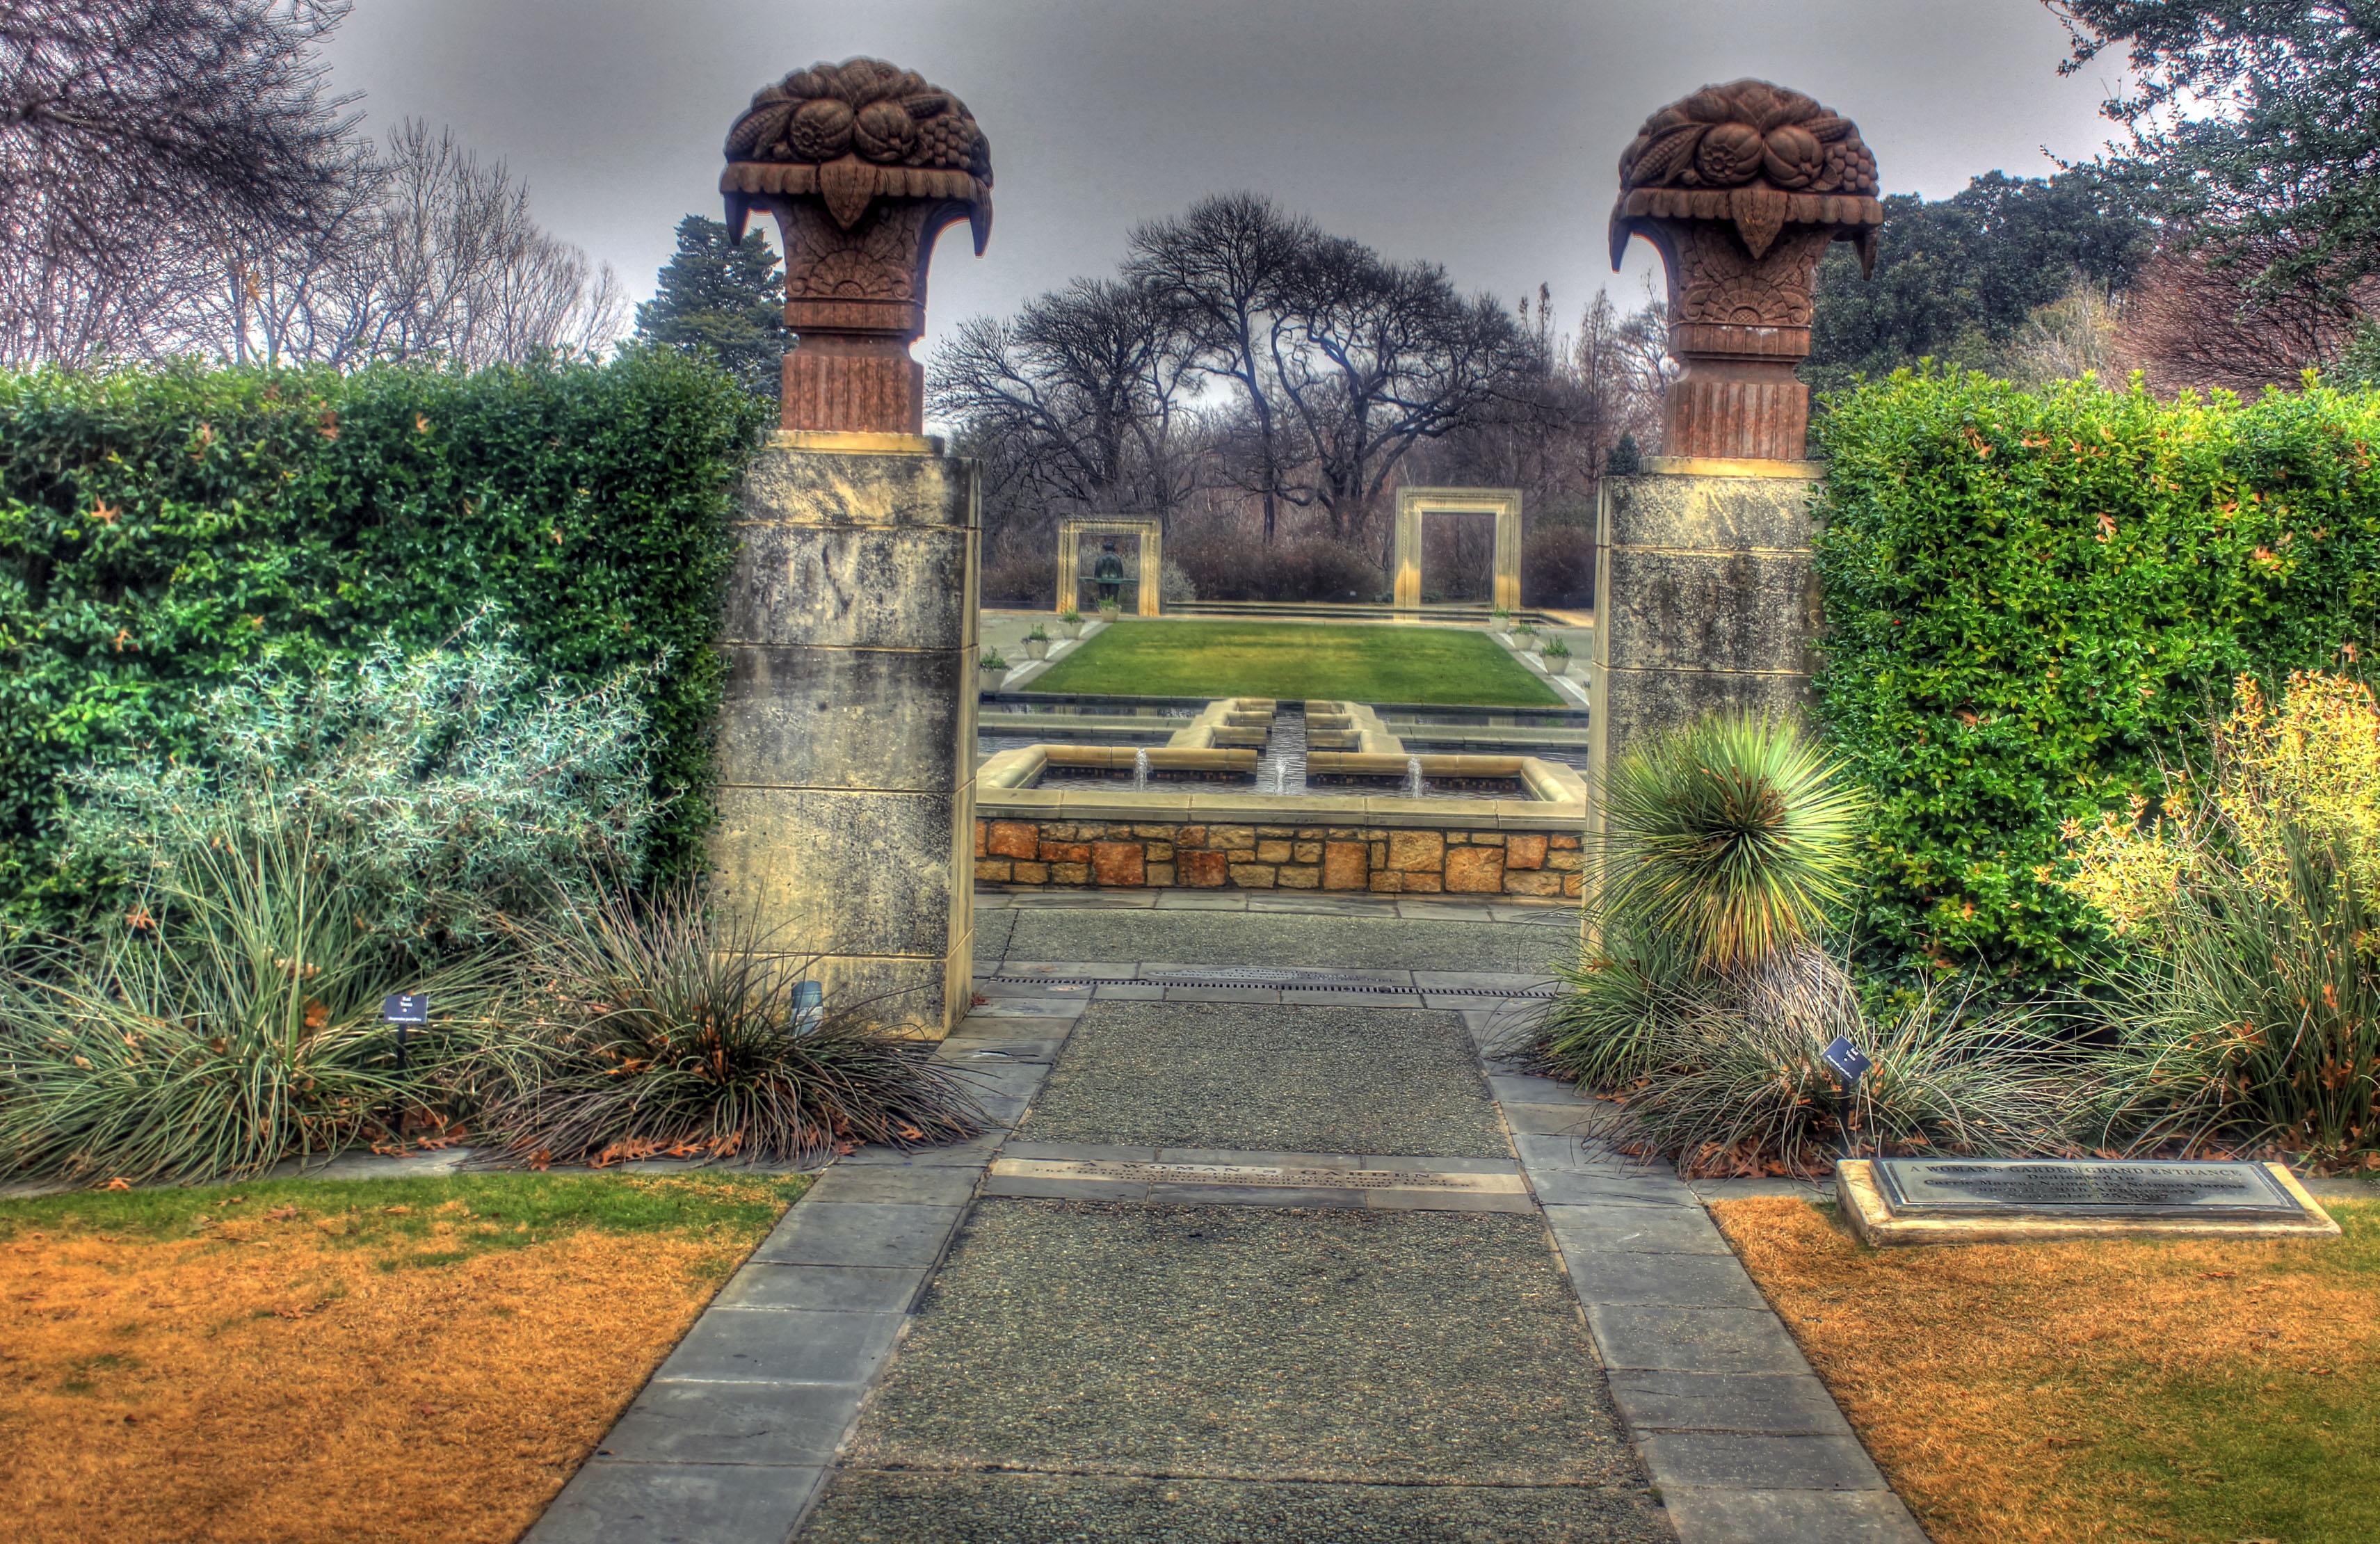 File:Gfp Texas Dallas Arboretum Garden Gate